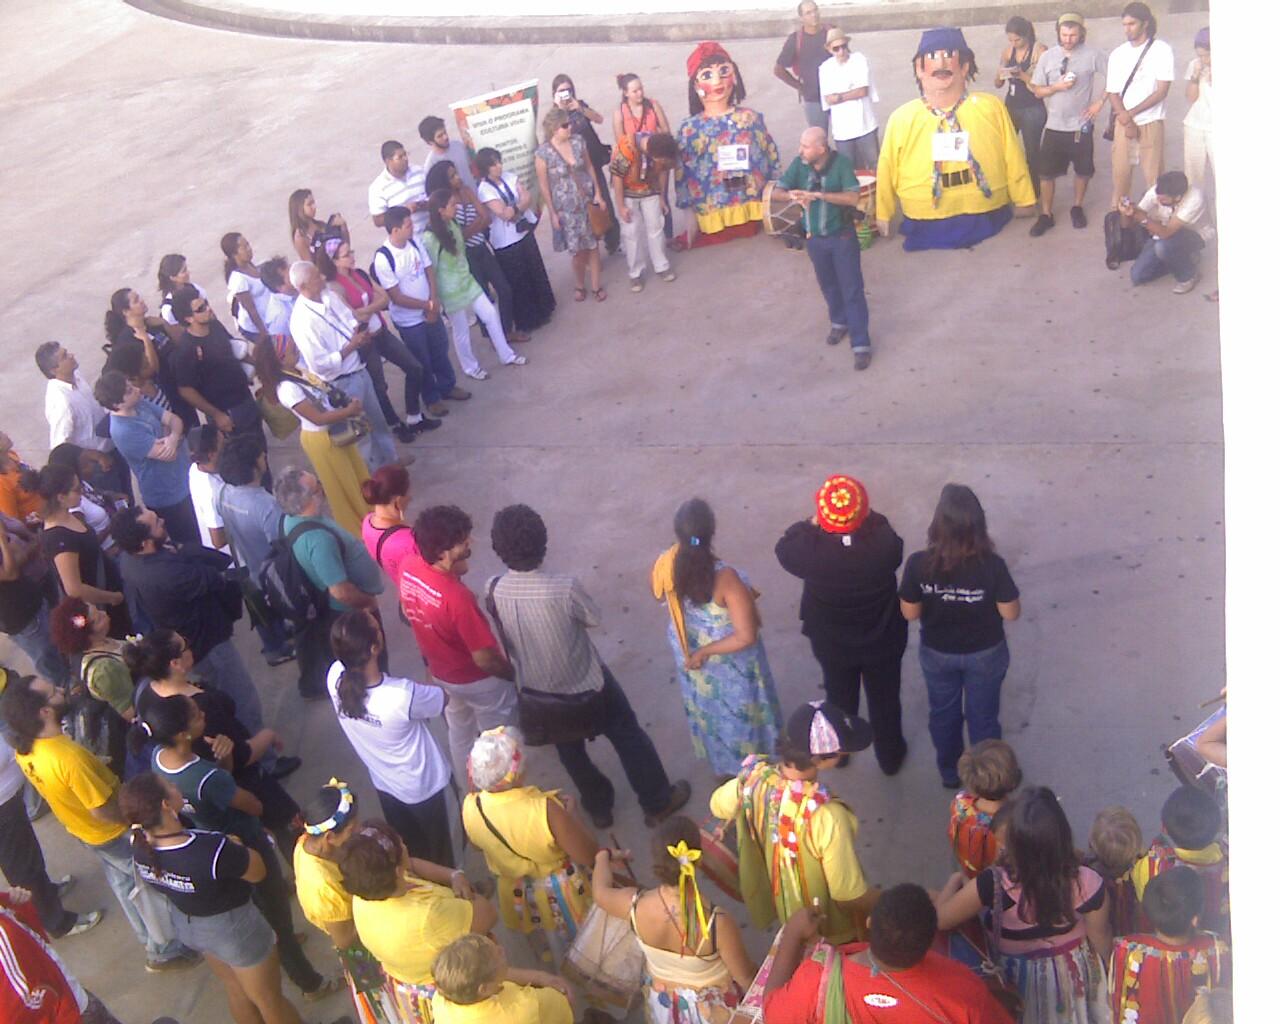 Reunio #Caravana #PontosdeCultura